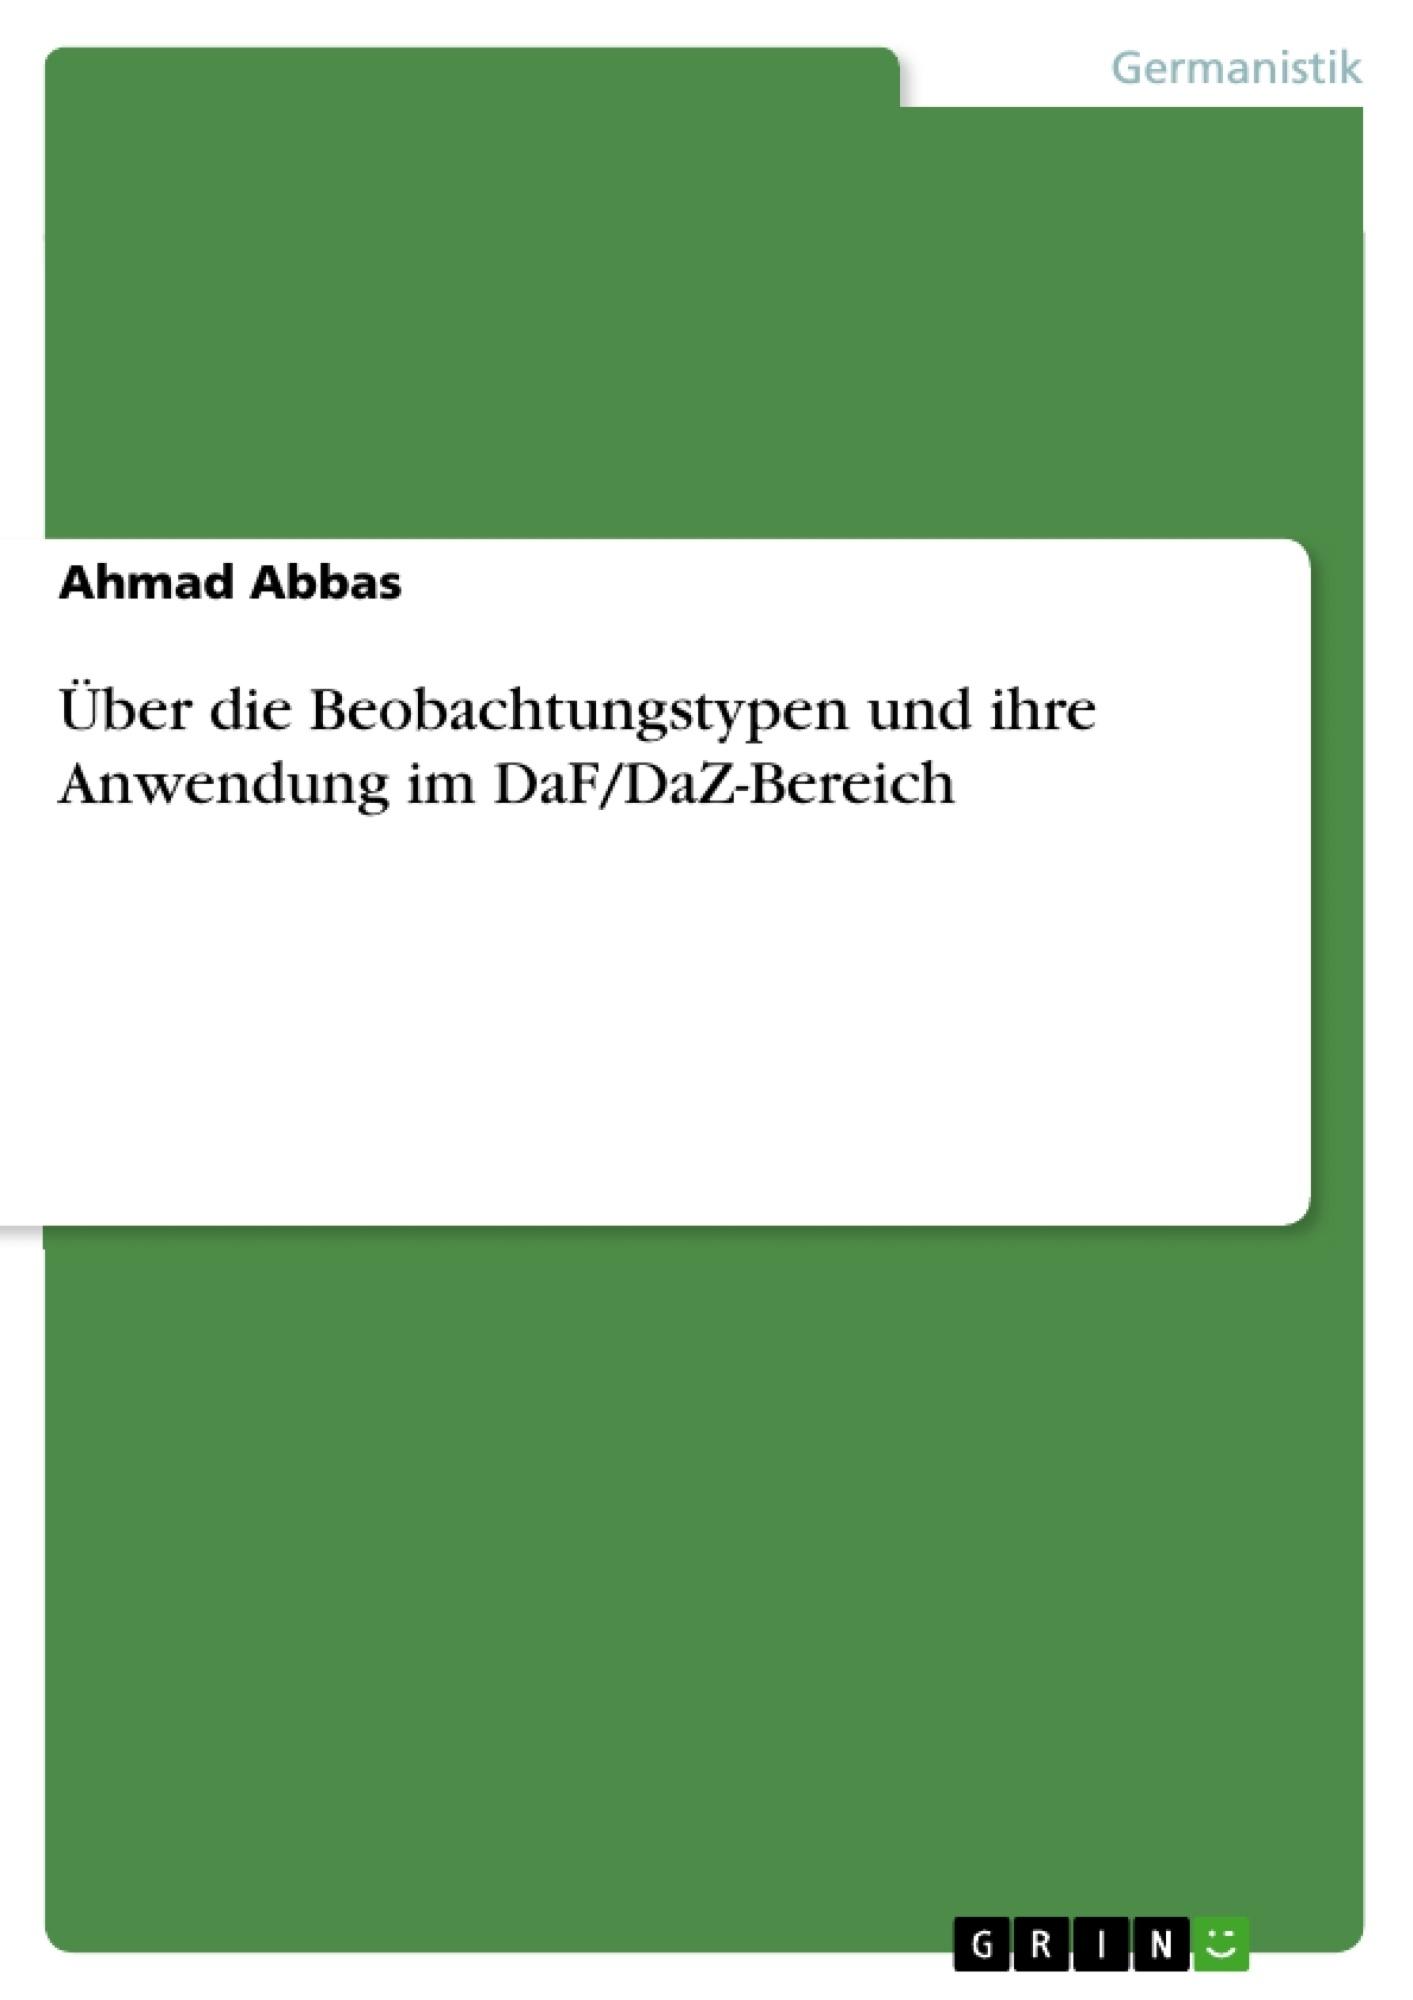 Titel: Über die Beobachtungstypen und ihre Anwendung im DaF/DaZ-Bereich